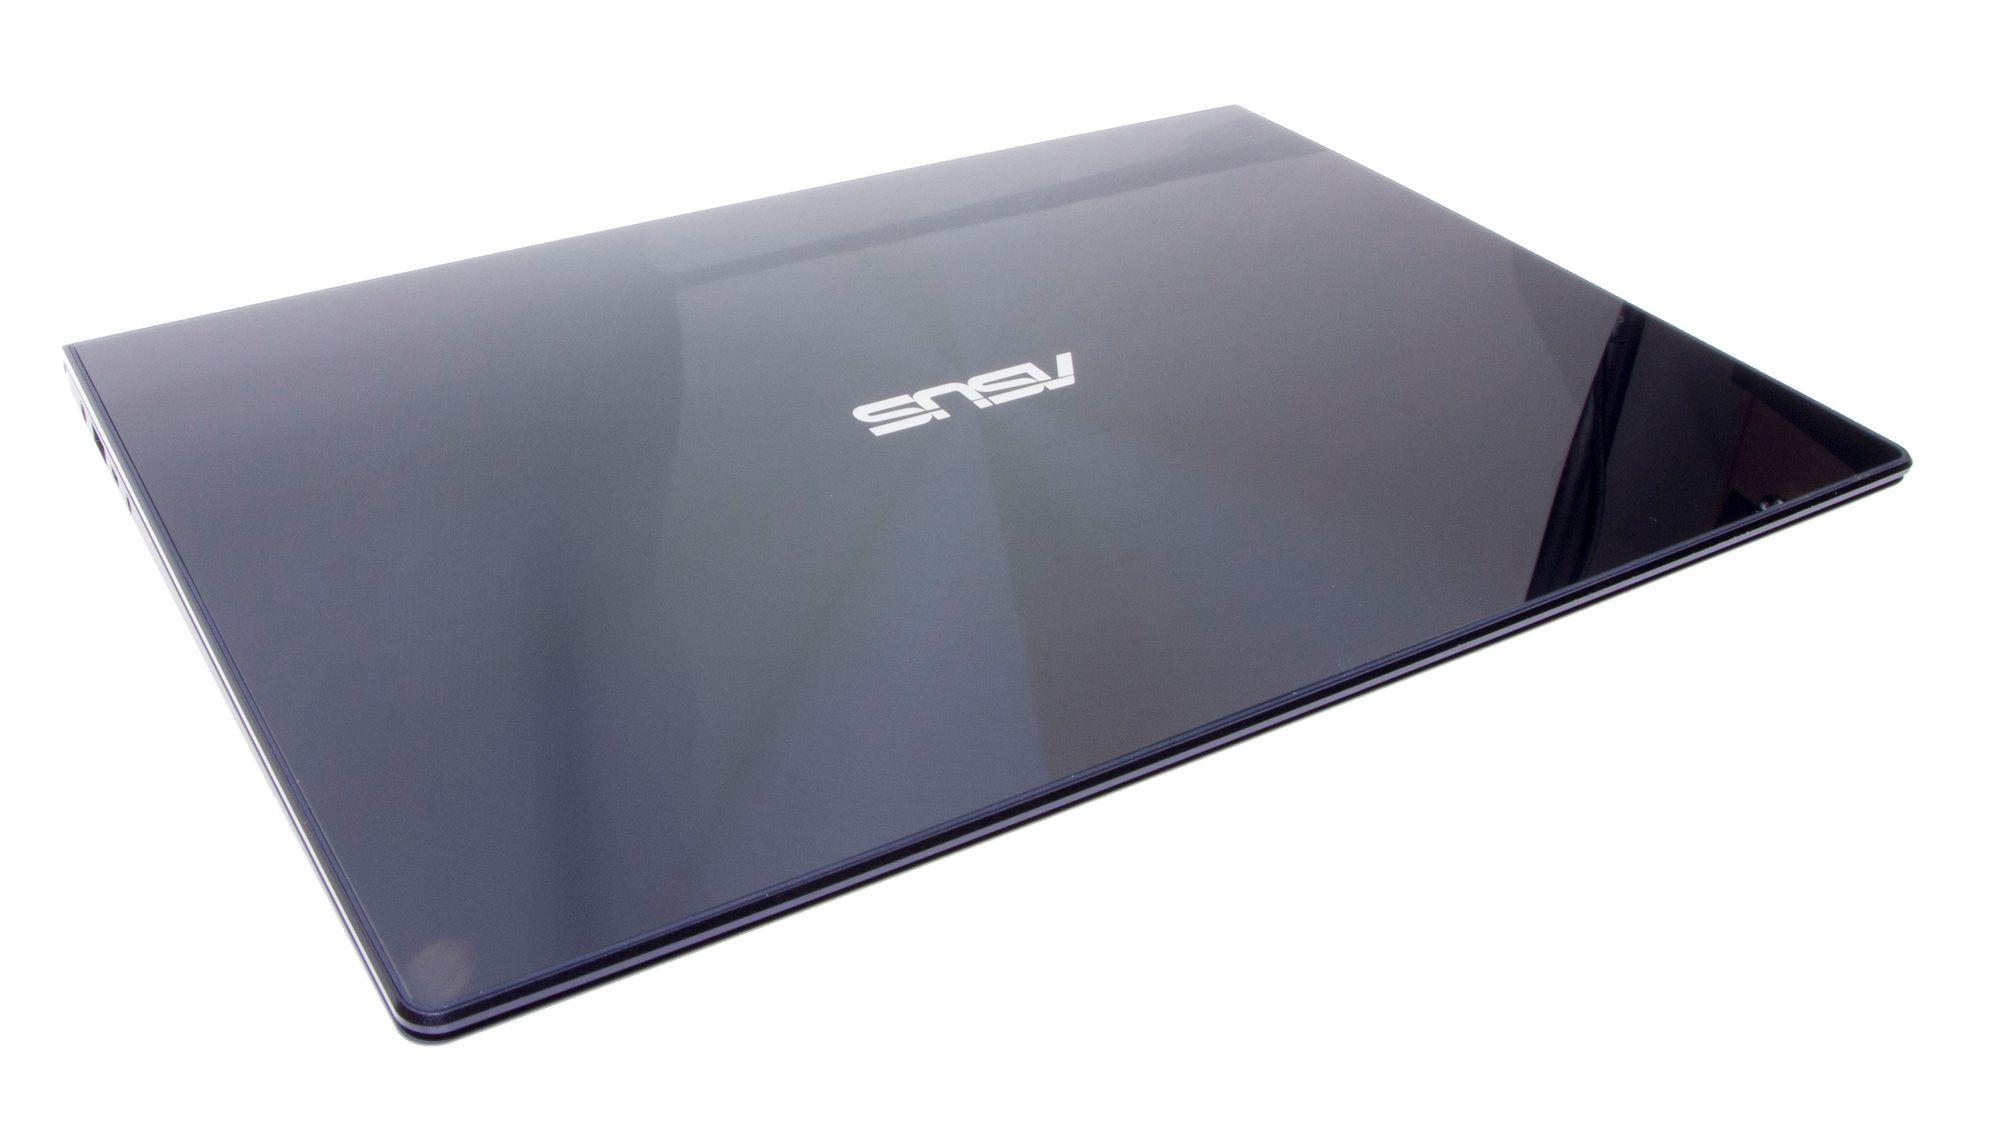 Asus Ux301 Driver Download